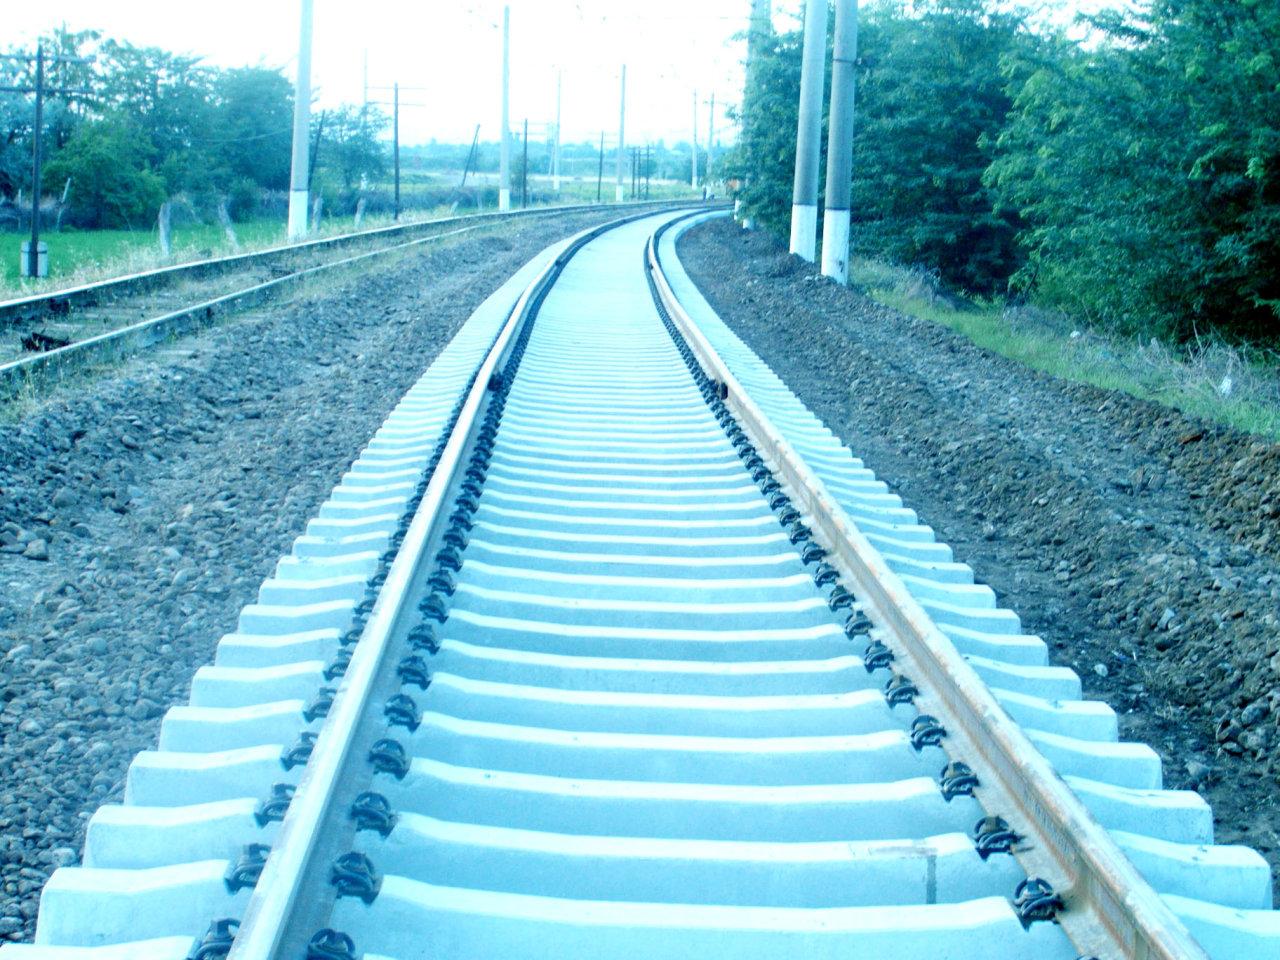 Bakü-Tiflis-Kars demiryolu projesinde ilk seferler Eylül'de